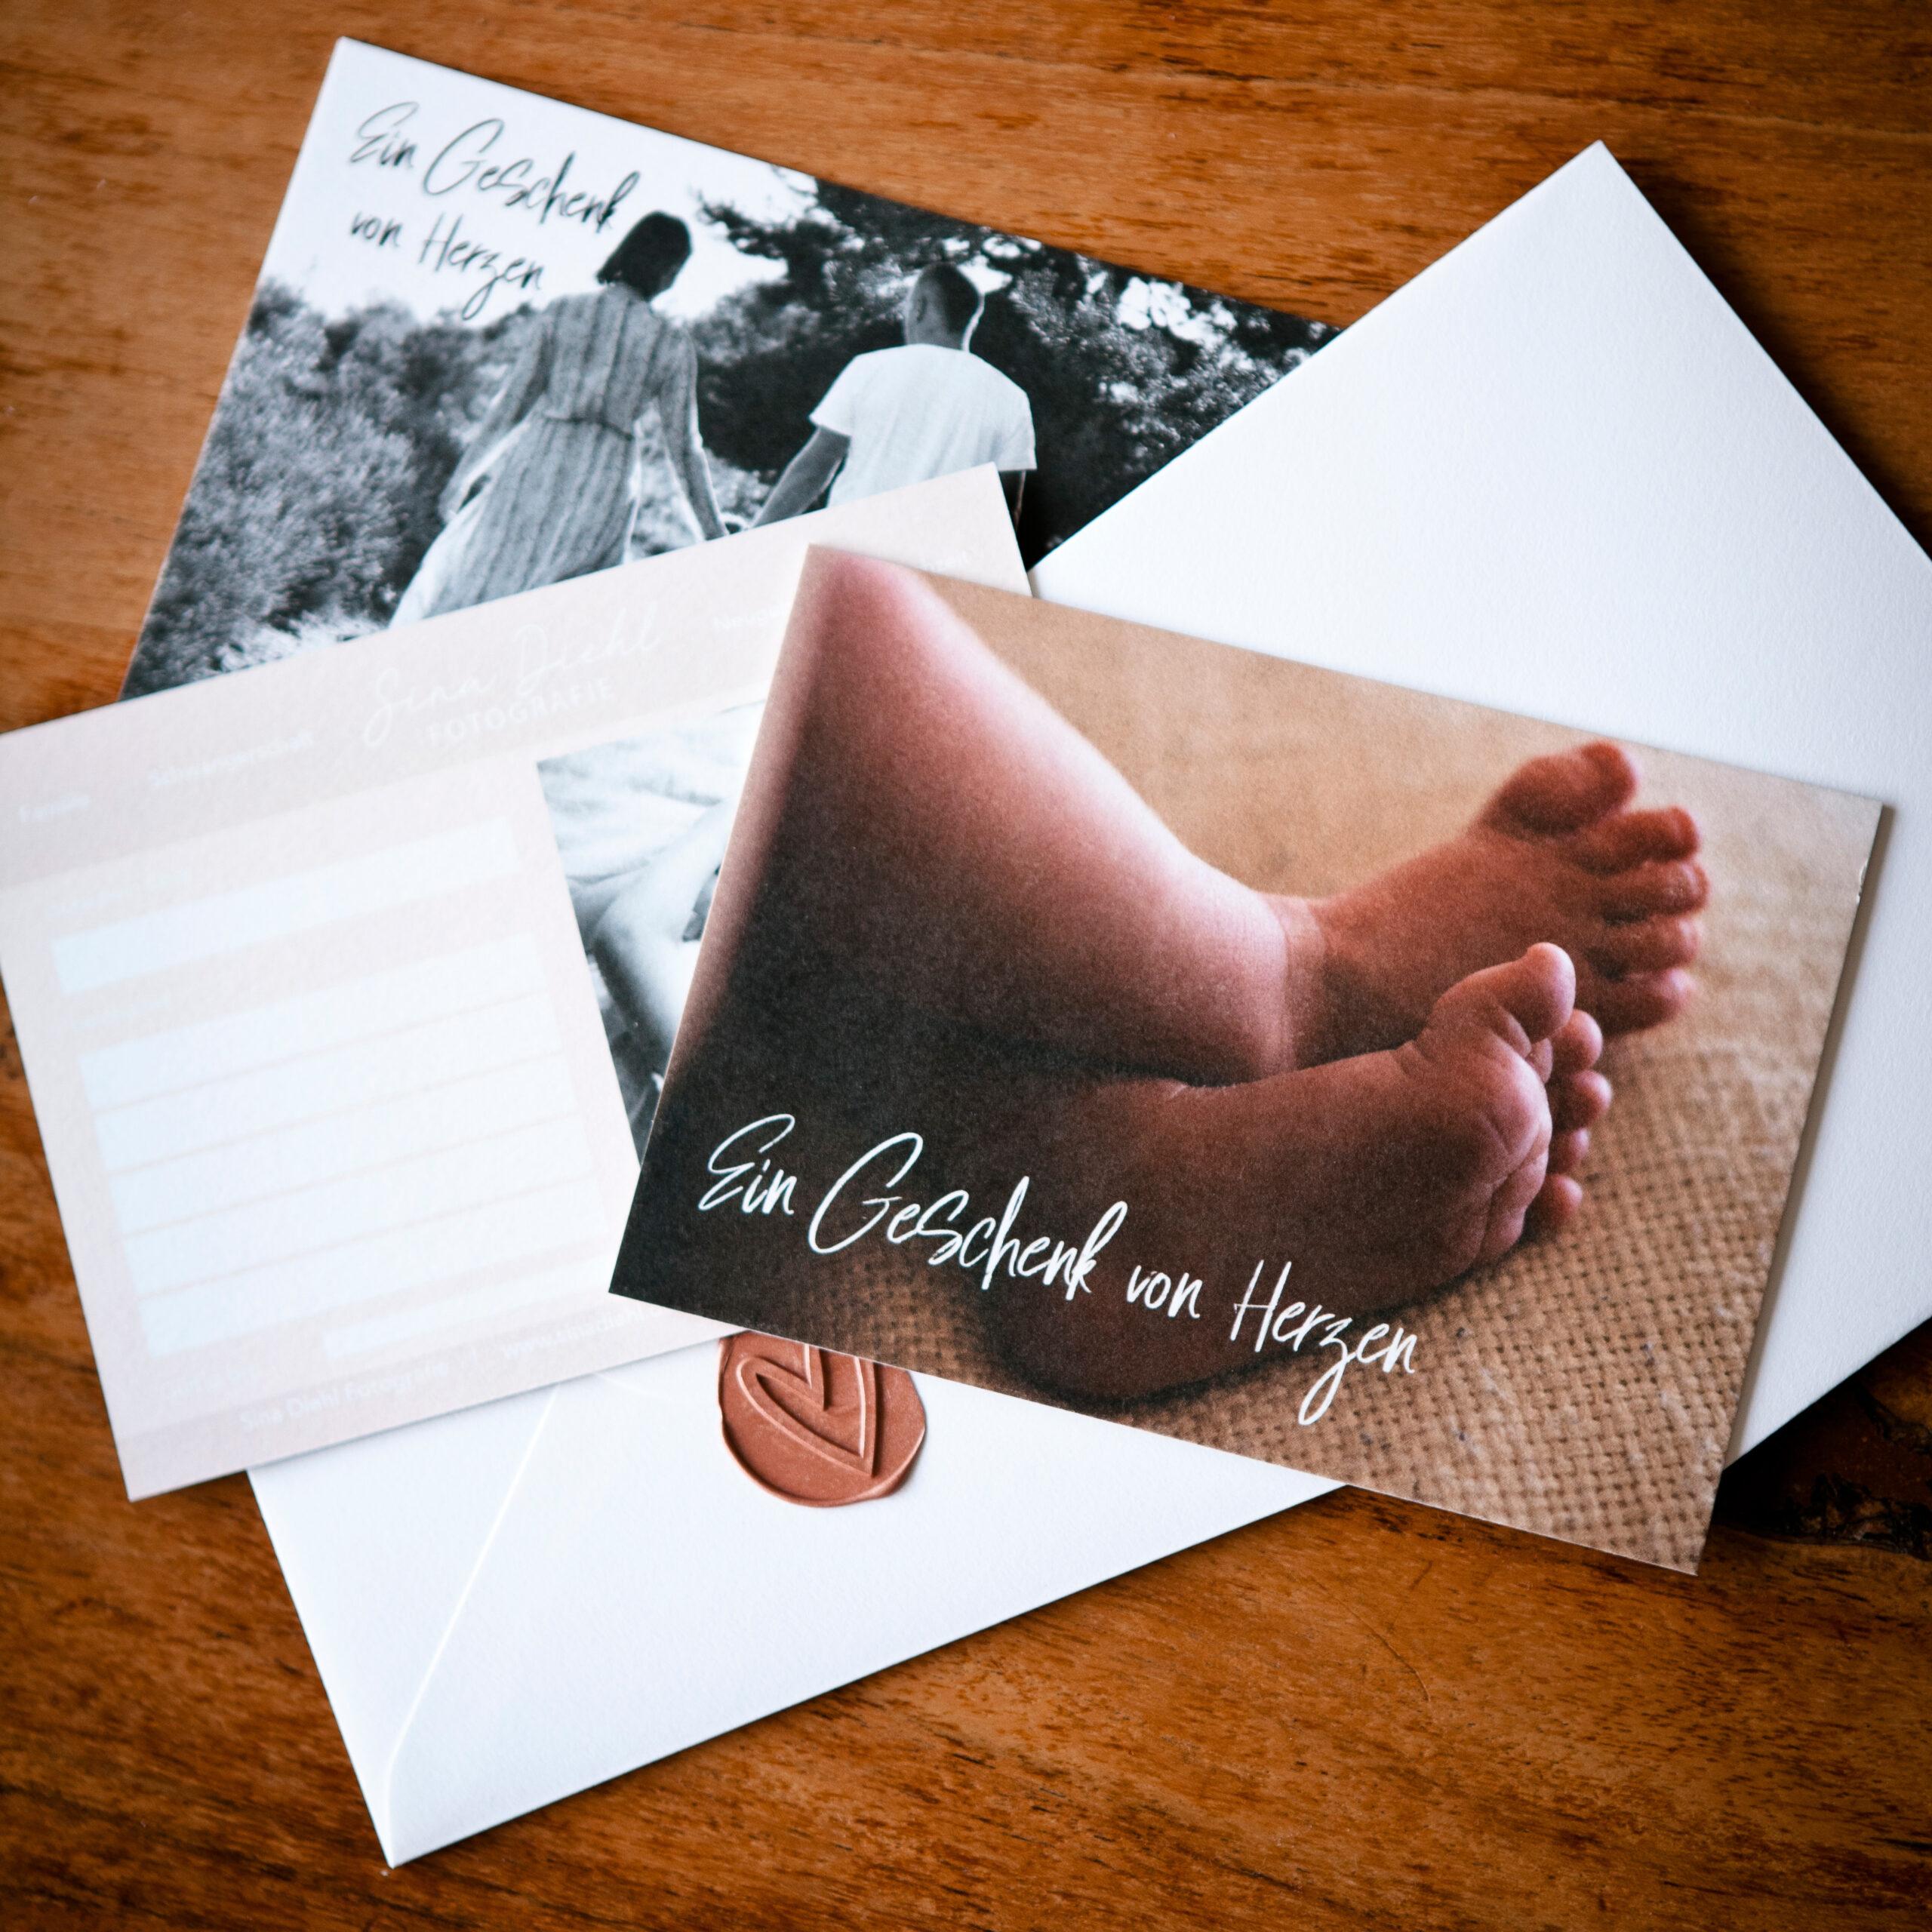 Foto von Gutscheinen zum Verschenken für Familienfotos oder Neugeborenenfotos